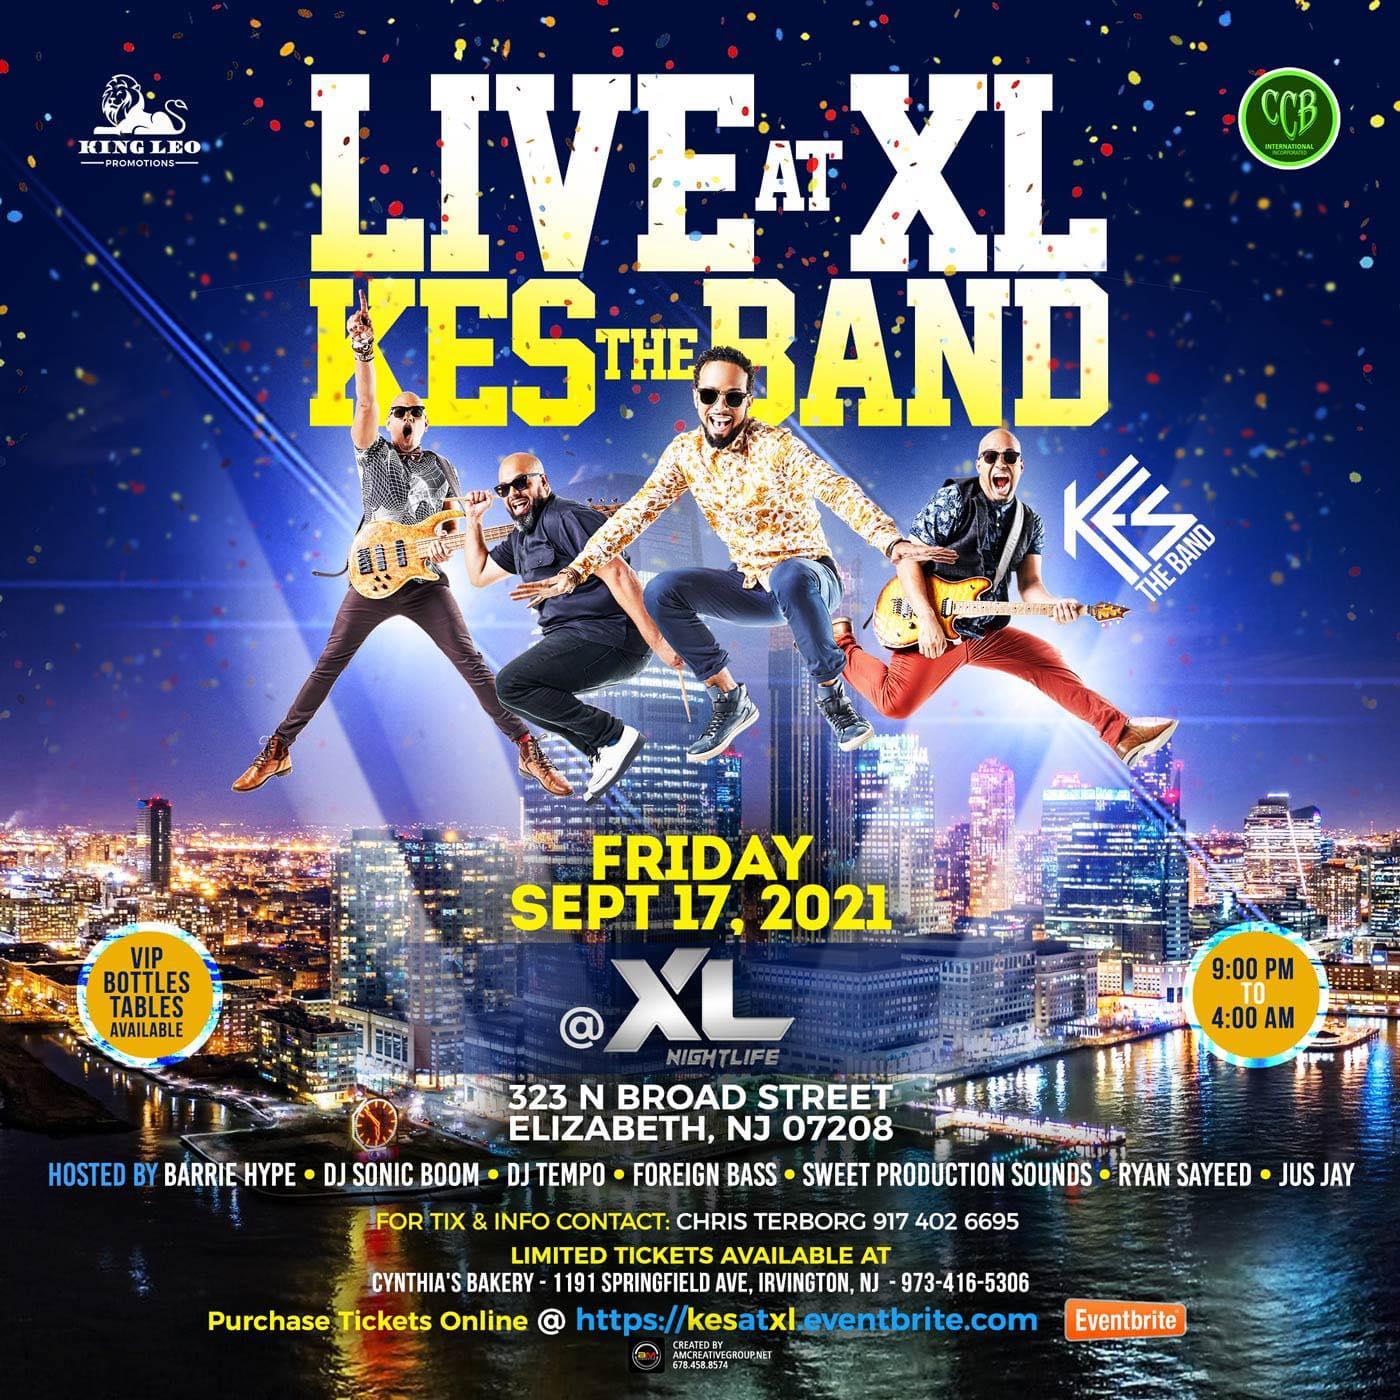 Kes the Band 𝗟𝗜𝗩𝗘 at XL New Jersey